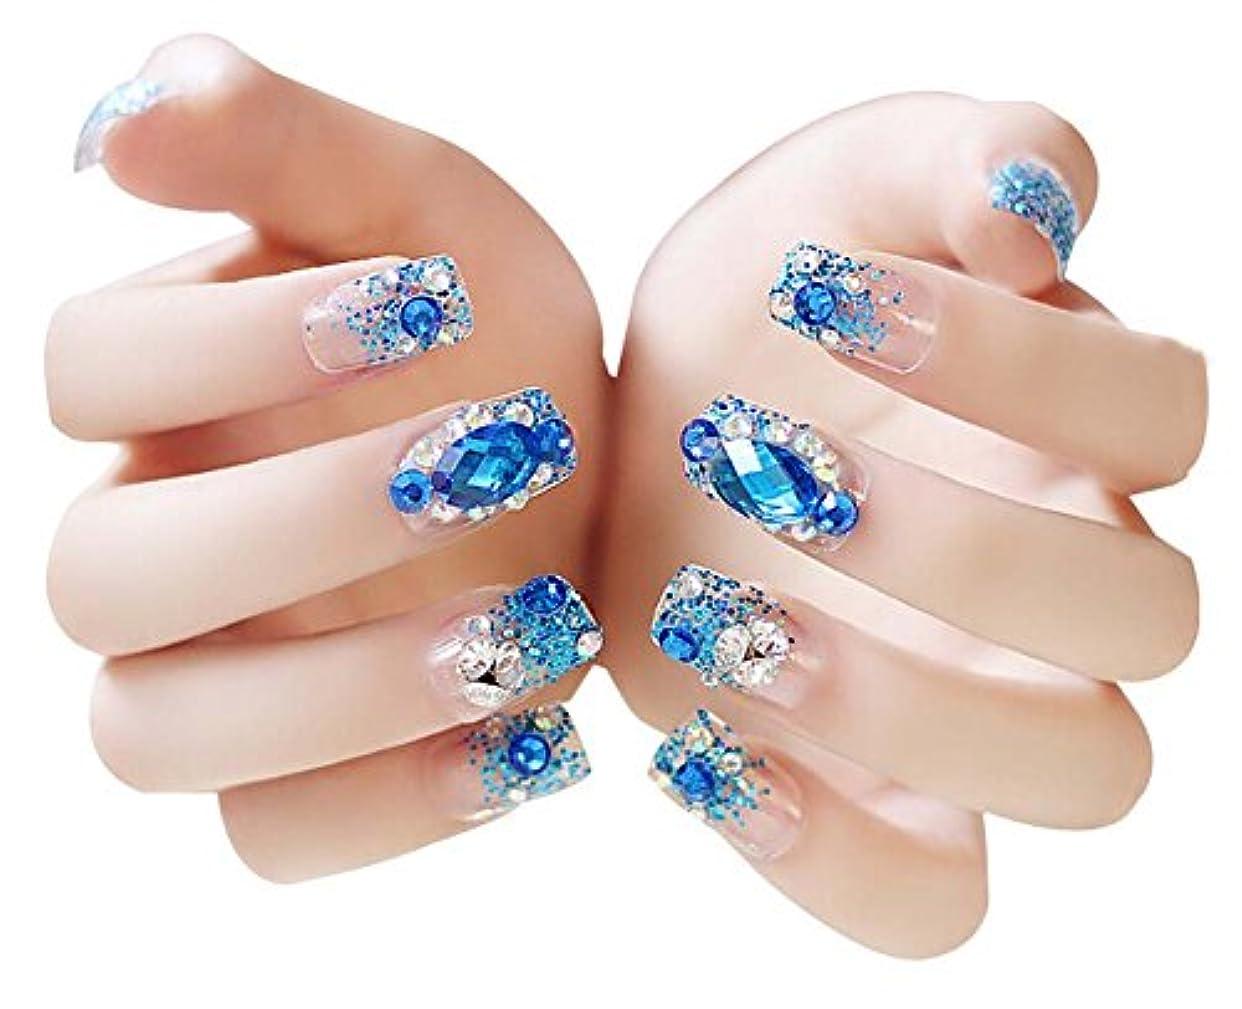 子孫寛大なステーキ美しいブルーのラインストーンの結婚式の偽の爪クリスタル偽のネイルアートセット、2パック - 48枚